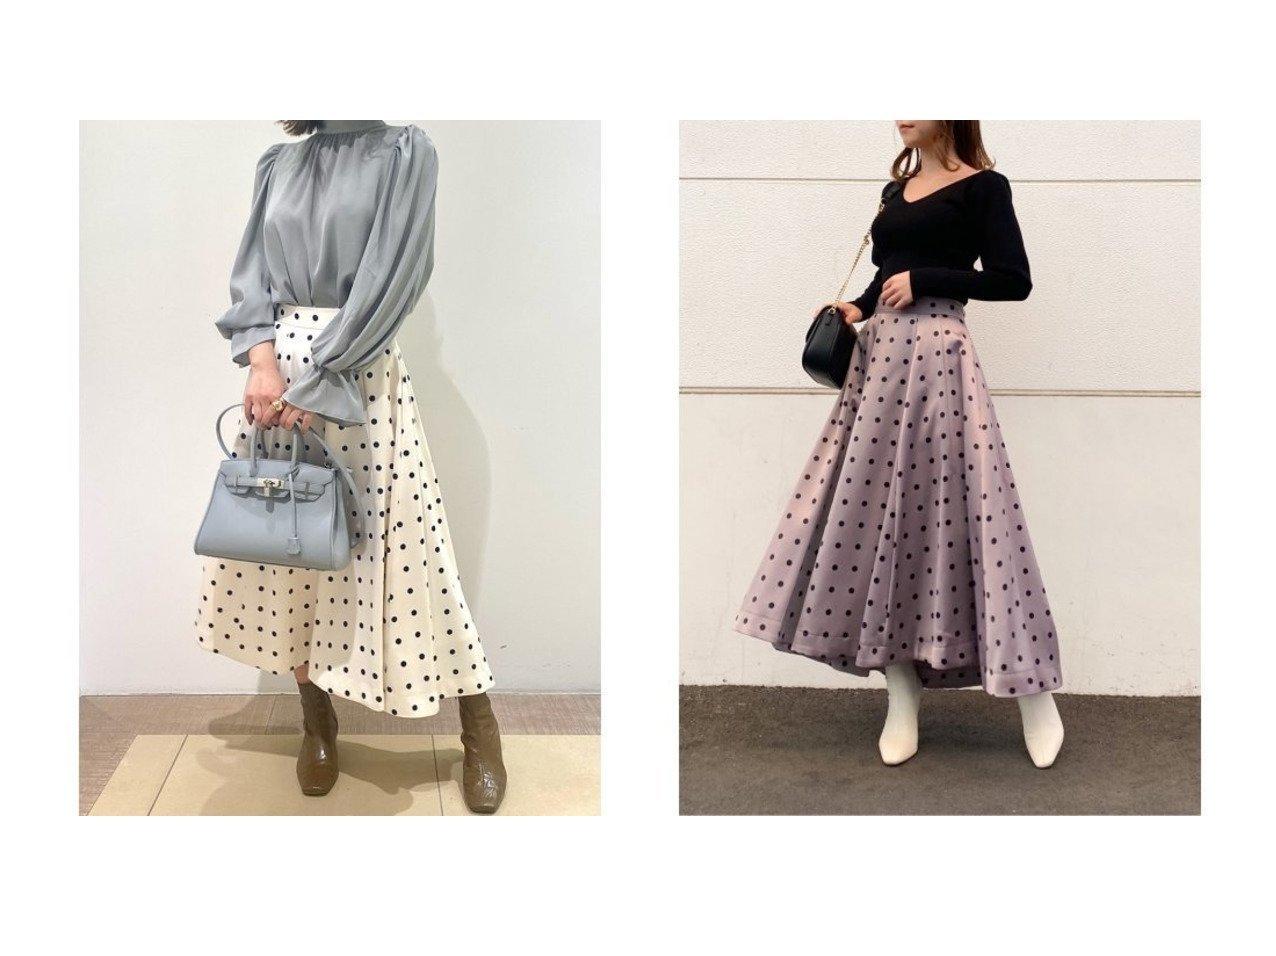 【SNIDEL/スナイデル】のプリントボリュームフレアスカート スカートのおすすめ!人気トレンド・レディースファッションの通販 おすすめで人気の流行・トレンド、ファッションの通販商品 メンズファッション・キッズファッション・インテリア・家具・レディースファッション・服の通販 founy(ファニー) https://founy.com/ ファッション Fashion レディースファッション WOMEN スカート Skirt Aライン/フレアスカート Flared A-Line Skirts サテン スマート トレンド ドット パープル フィット フレア プリント 冬 Winter  ID:crp329100000008531